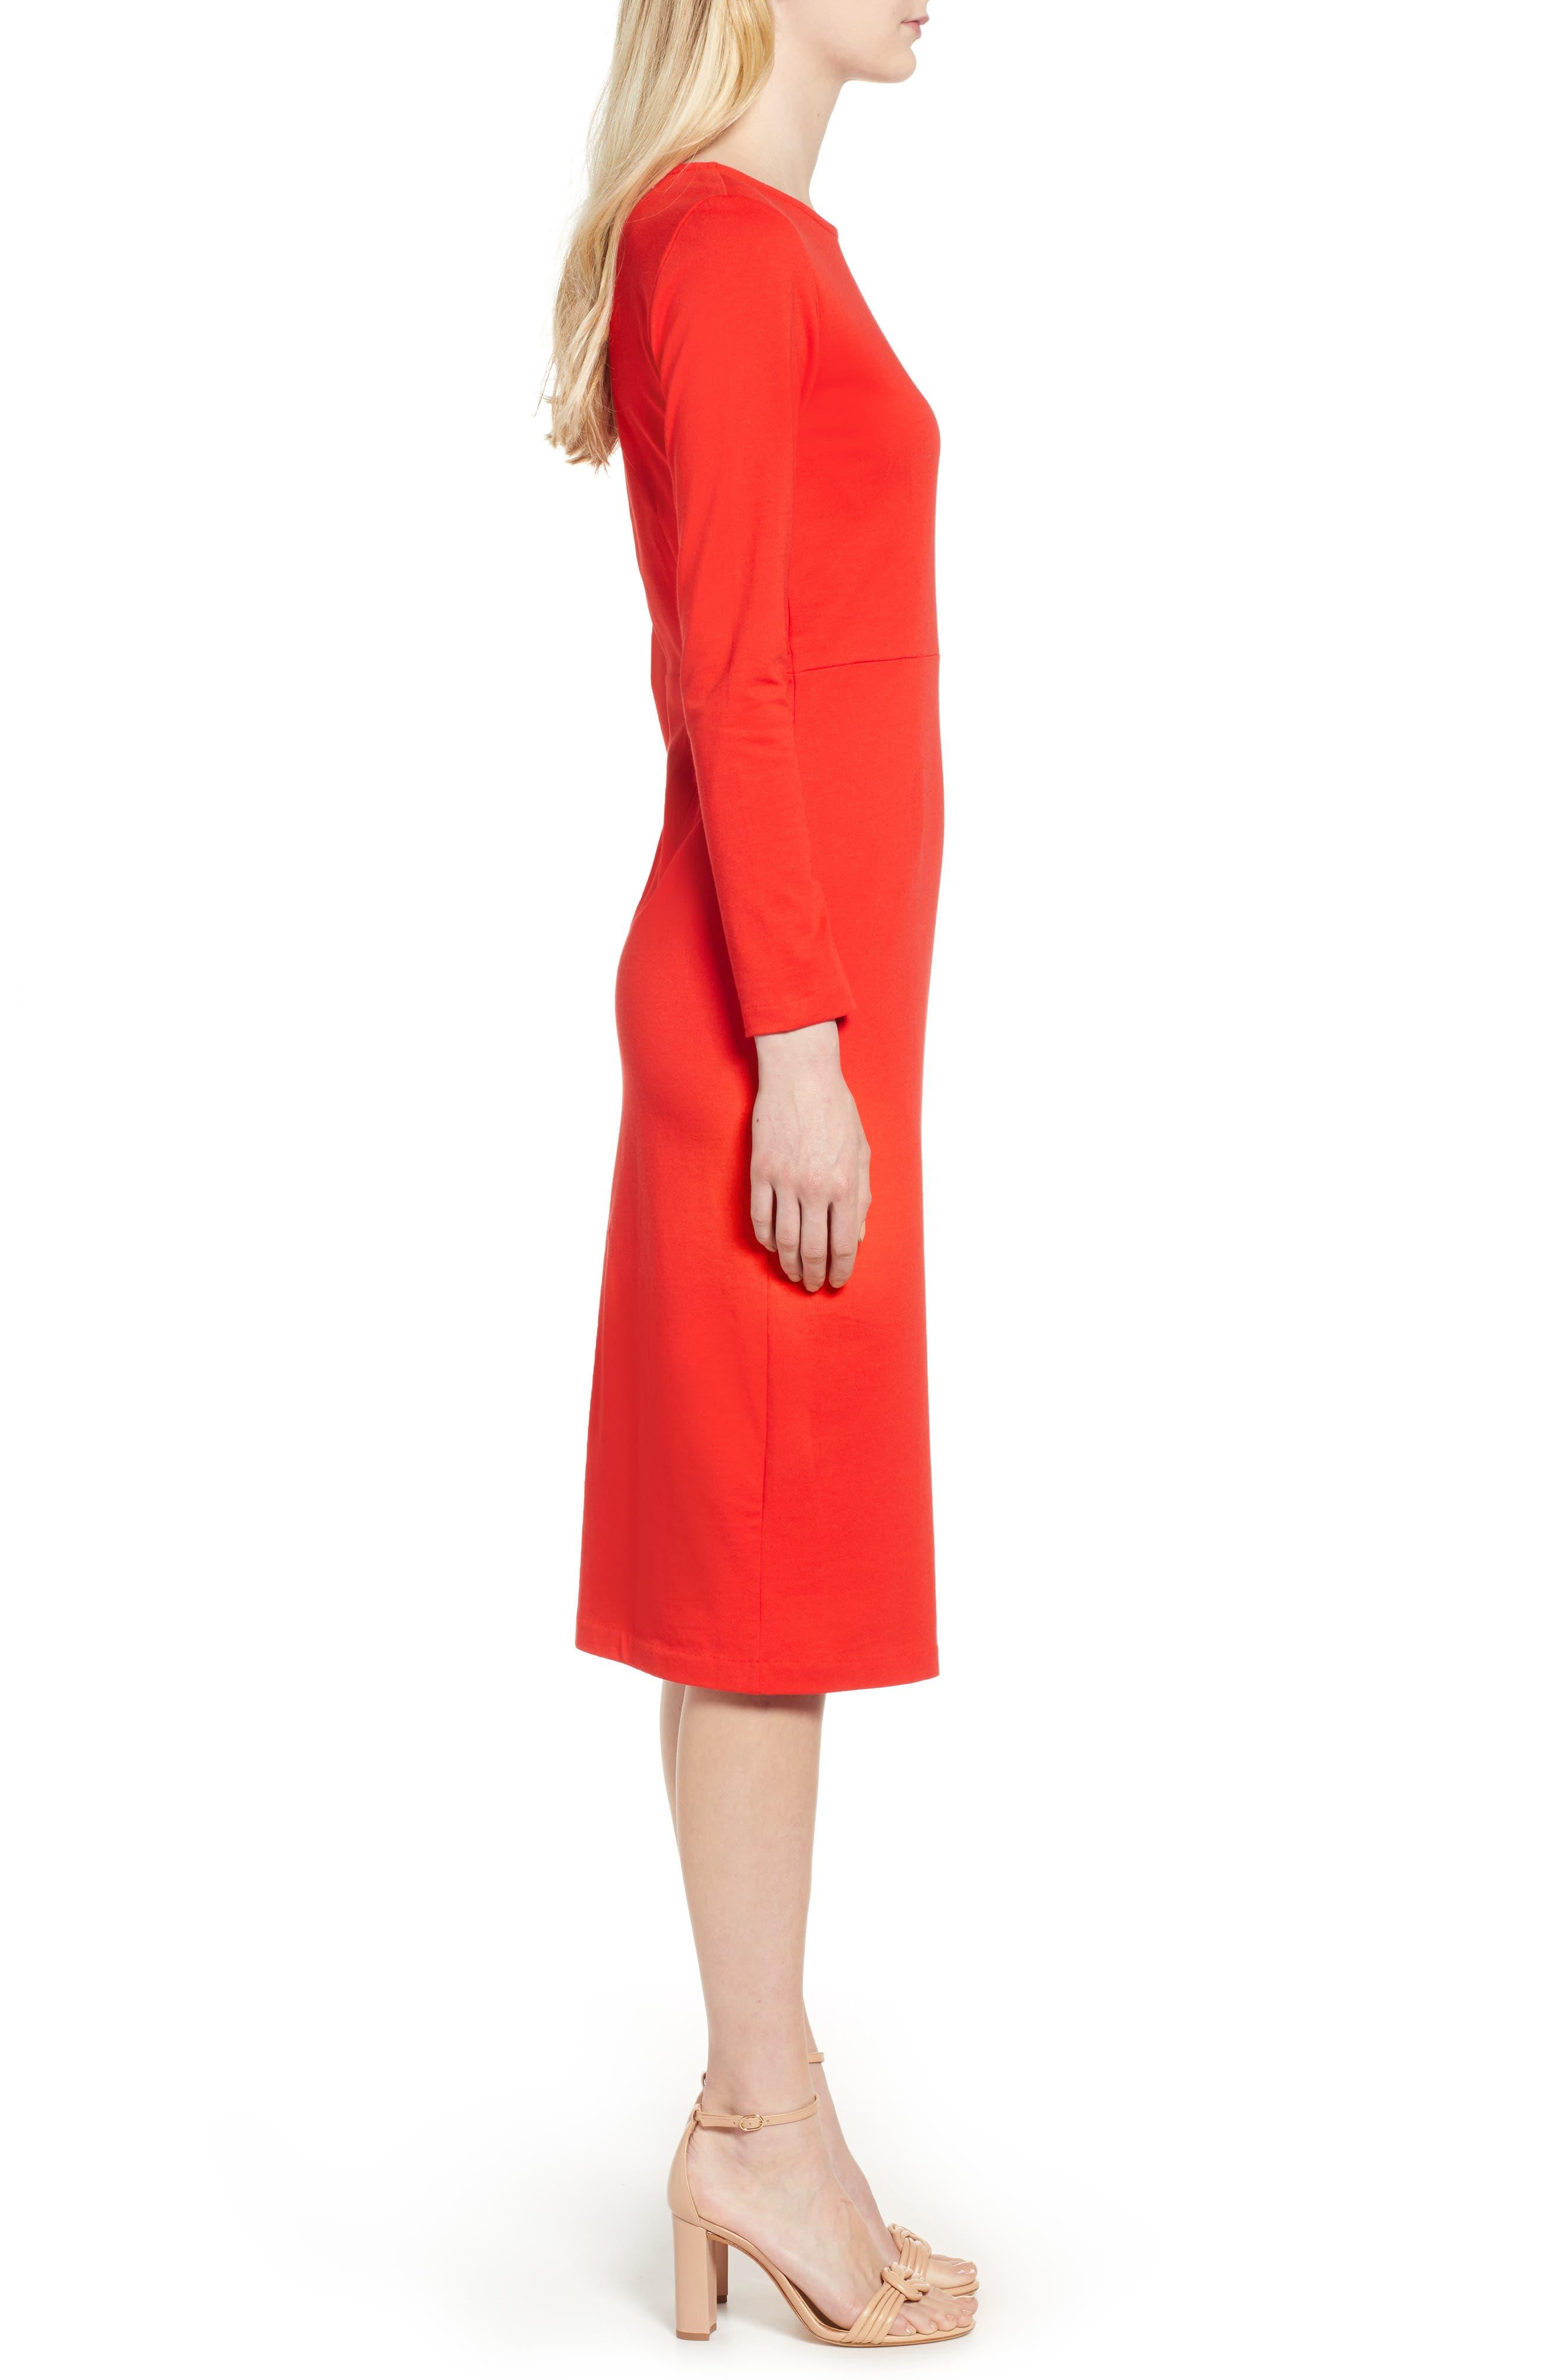 J.CREW, Knit Sheath Dress, Alternate thumbnail 5, color, BRIGHT CERISE